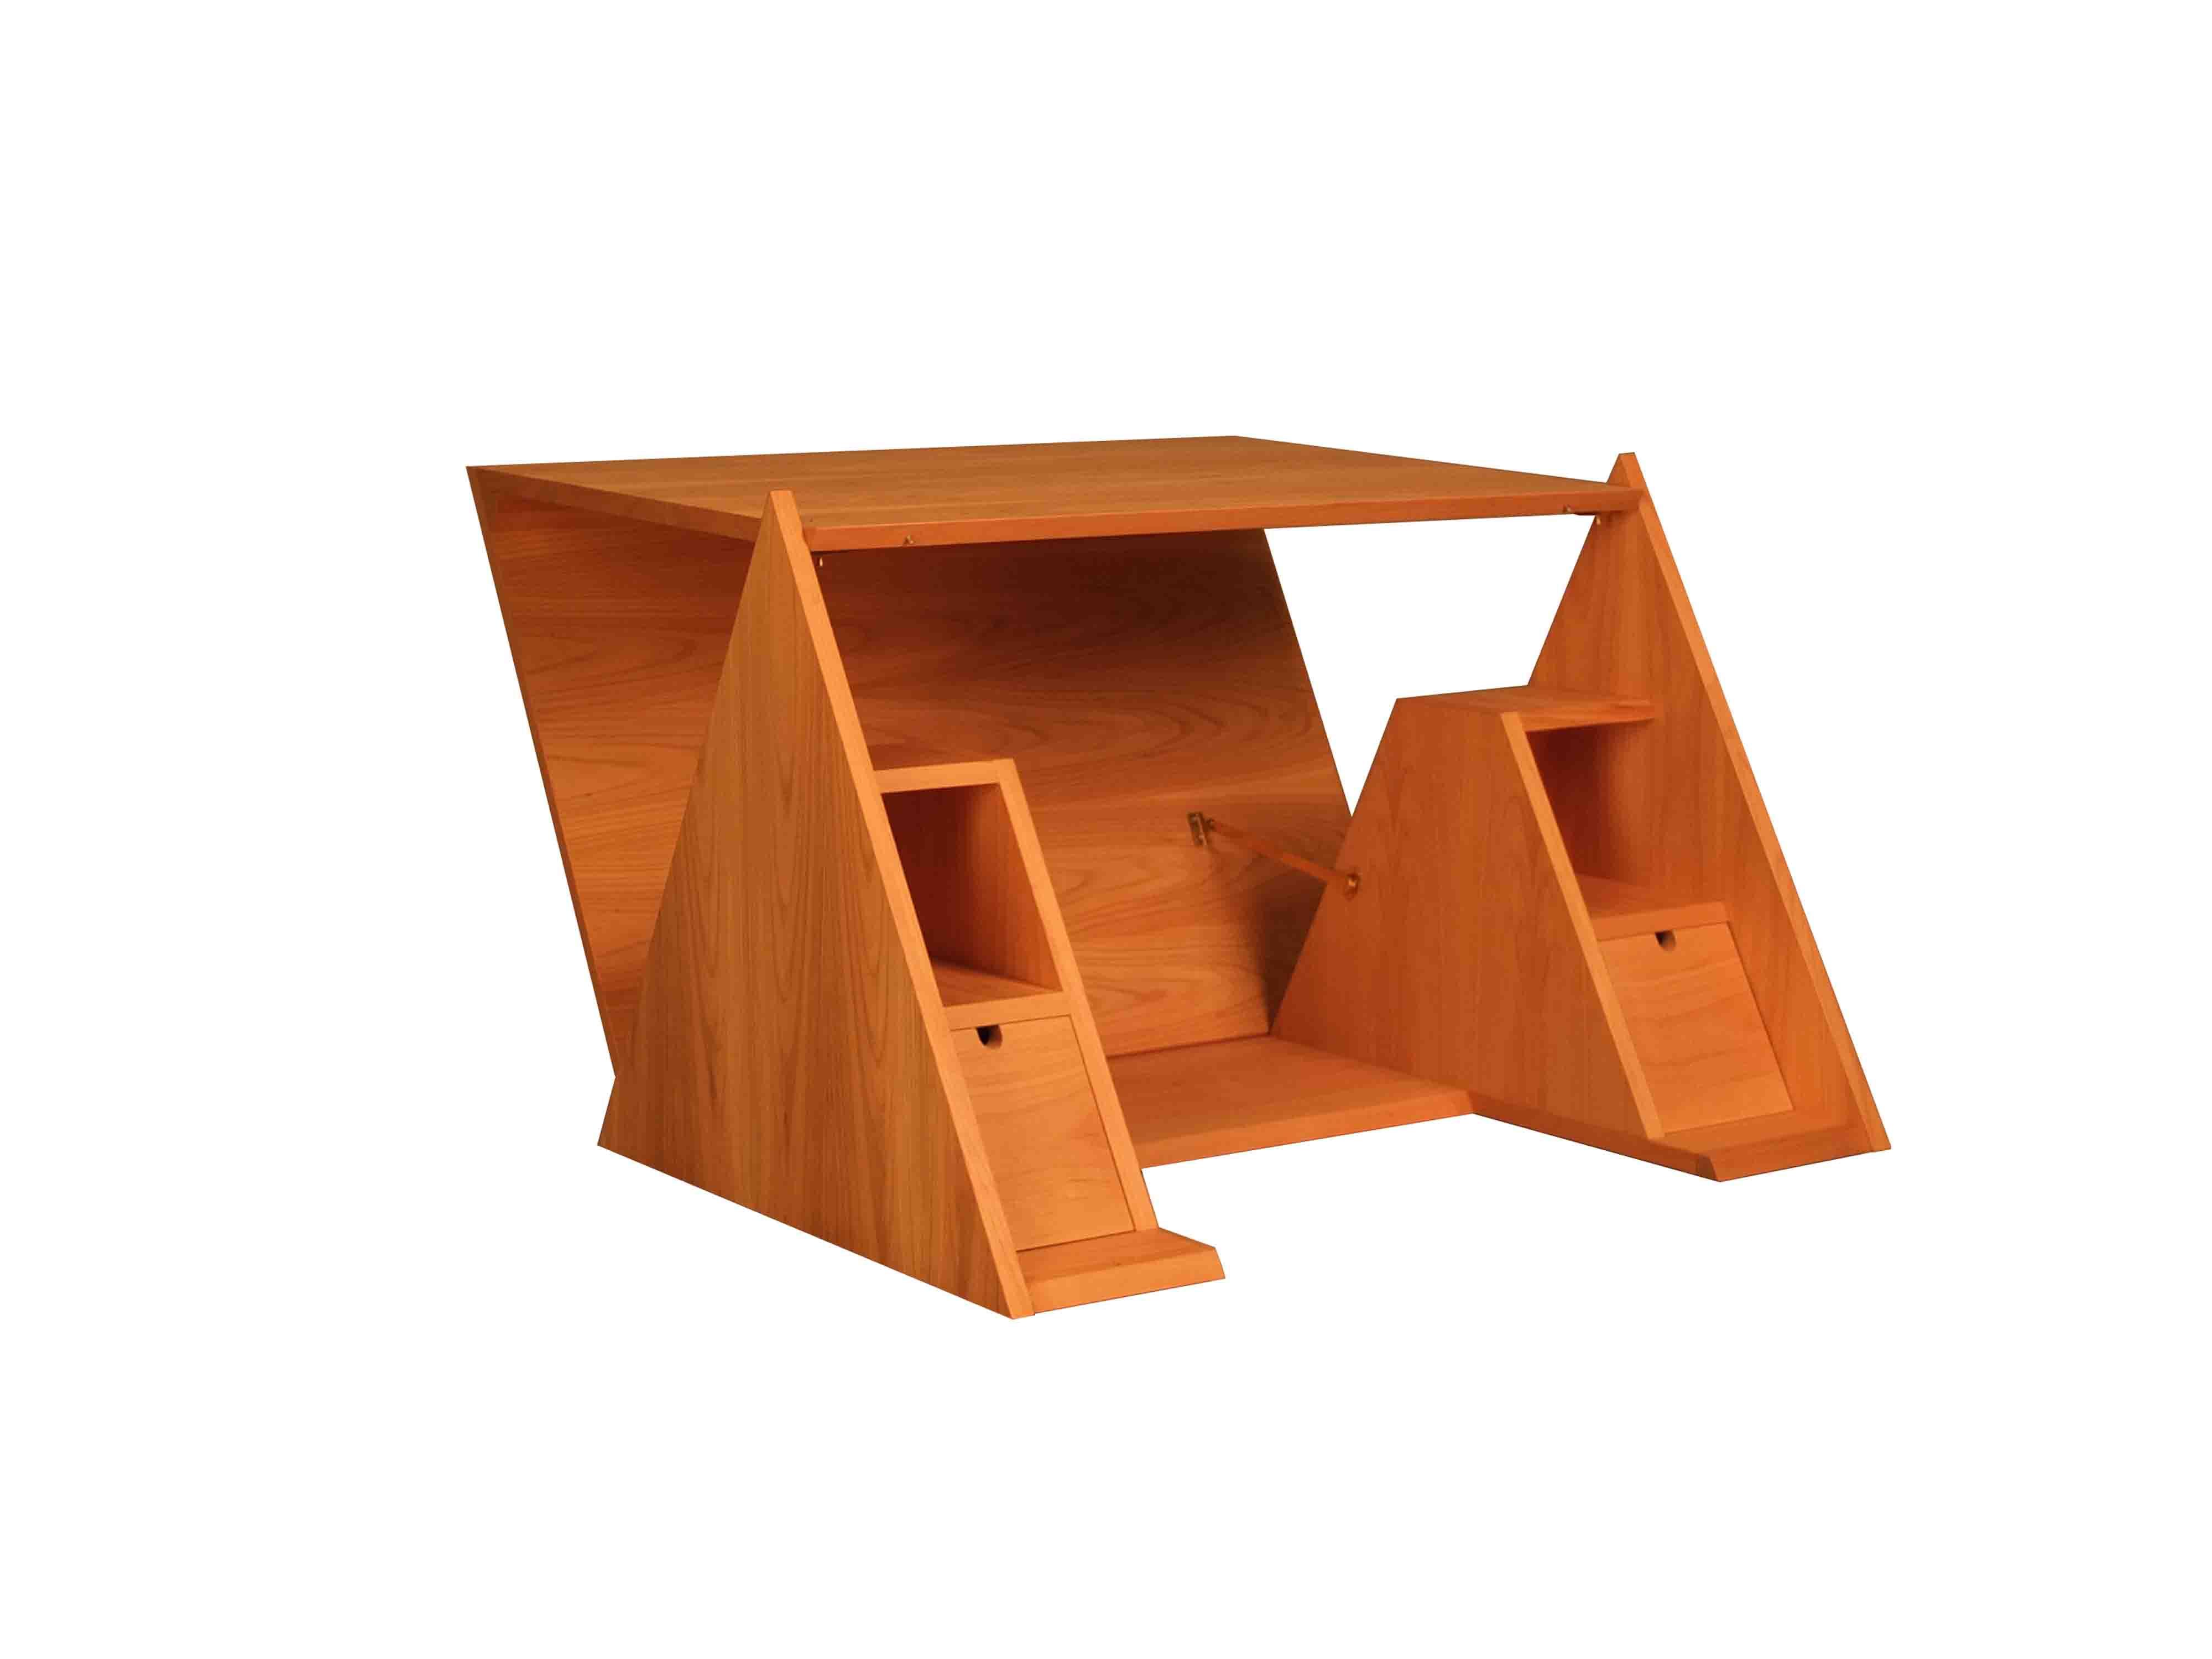 muebles de diseño - Occultamento 6